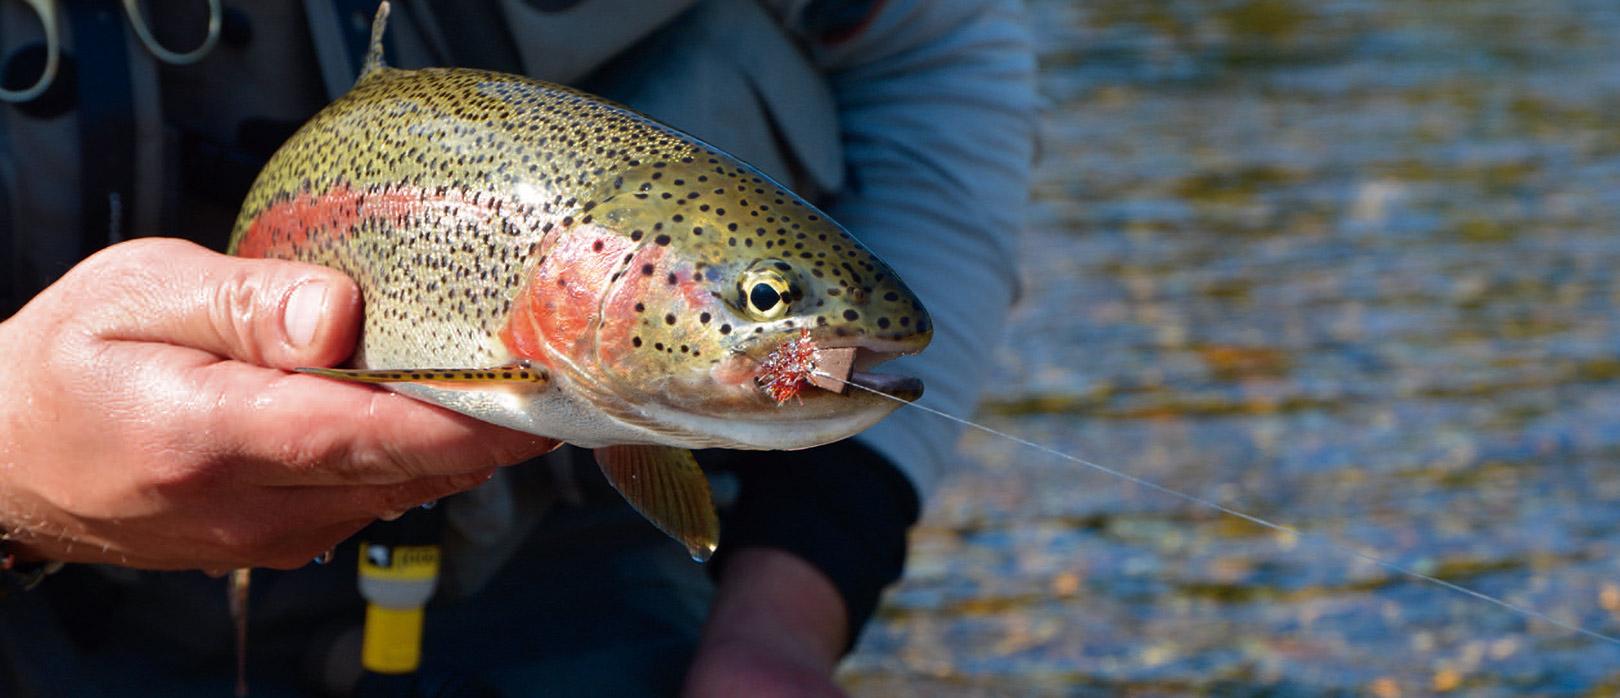 De smukke vilde regnbuer er ikke drømmetrofæer, hvad angår størrelse. De største eksemplarer vi fanger, ligger ofte i slutningen af 50´erne, men at kunne lokke disse fisk til en museflue fisket i overfladen, er helt fantastisk og en belønning i sig selv.